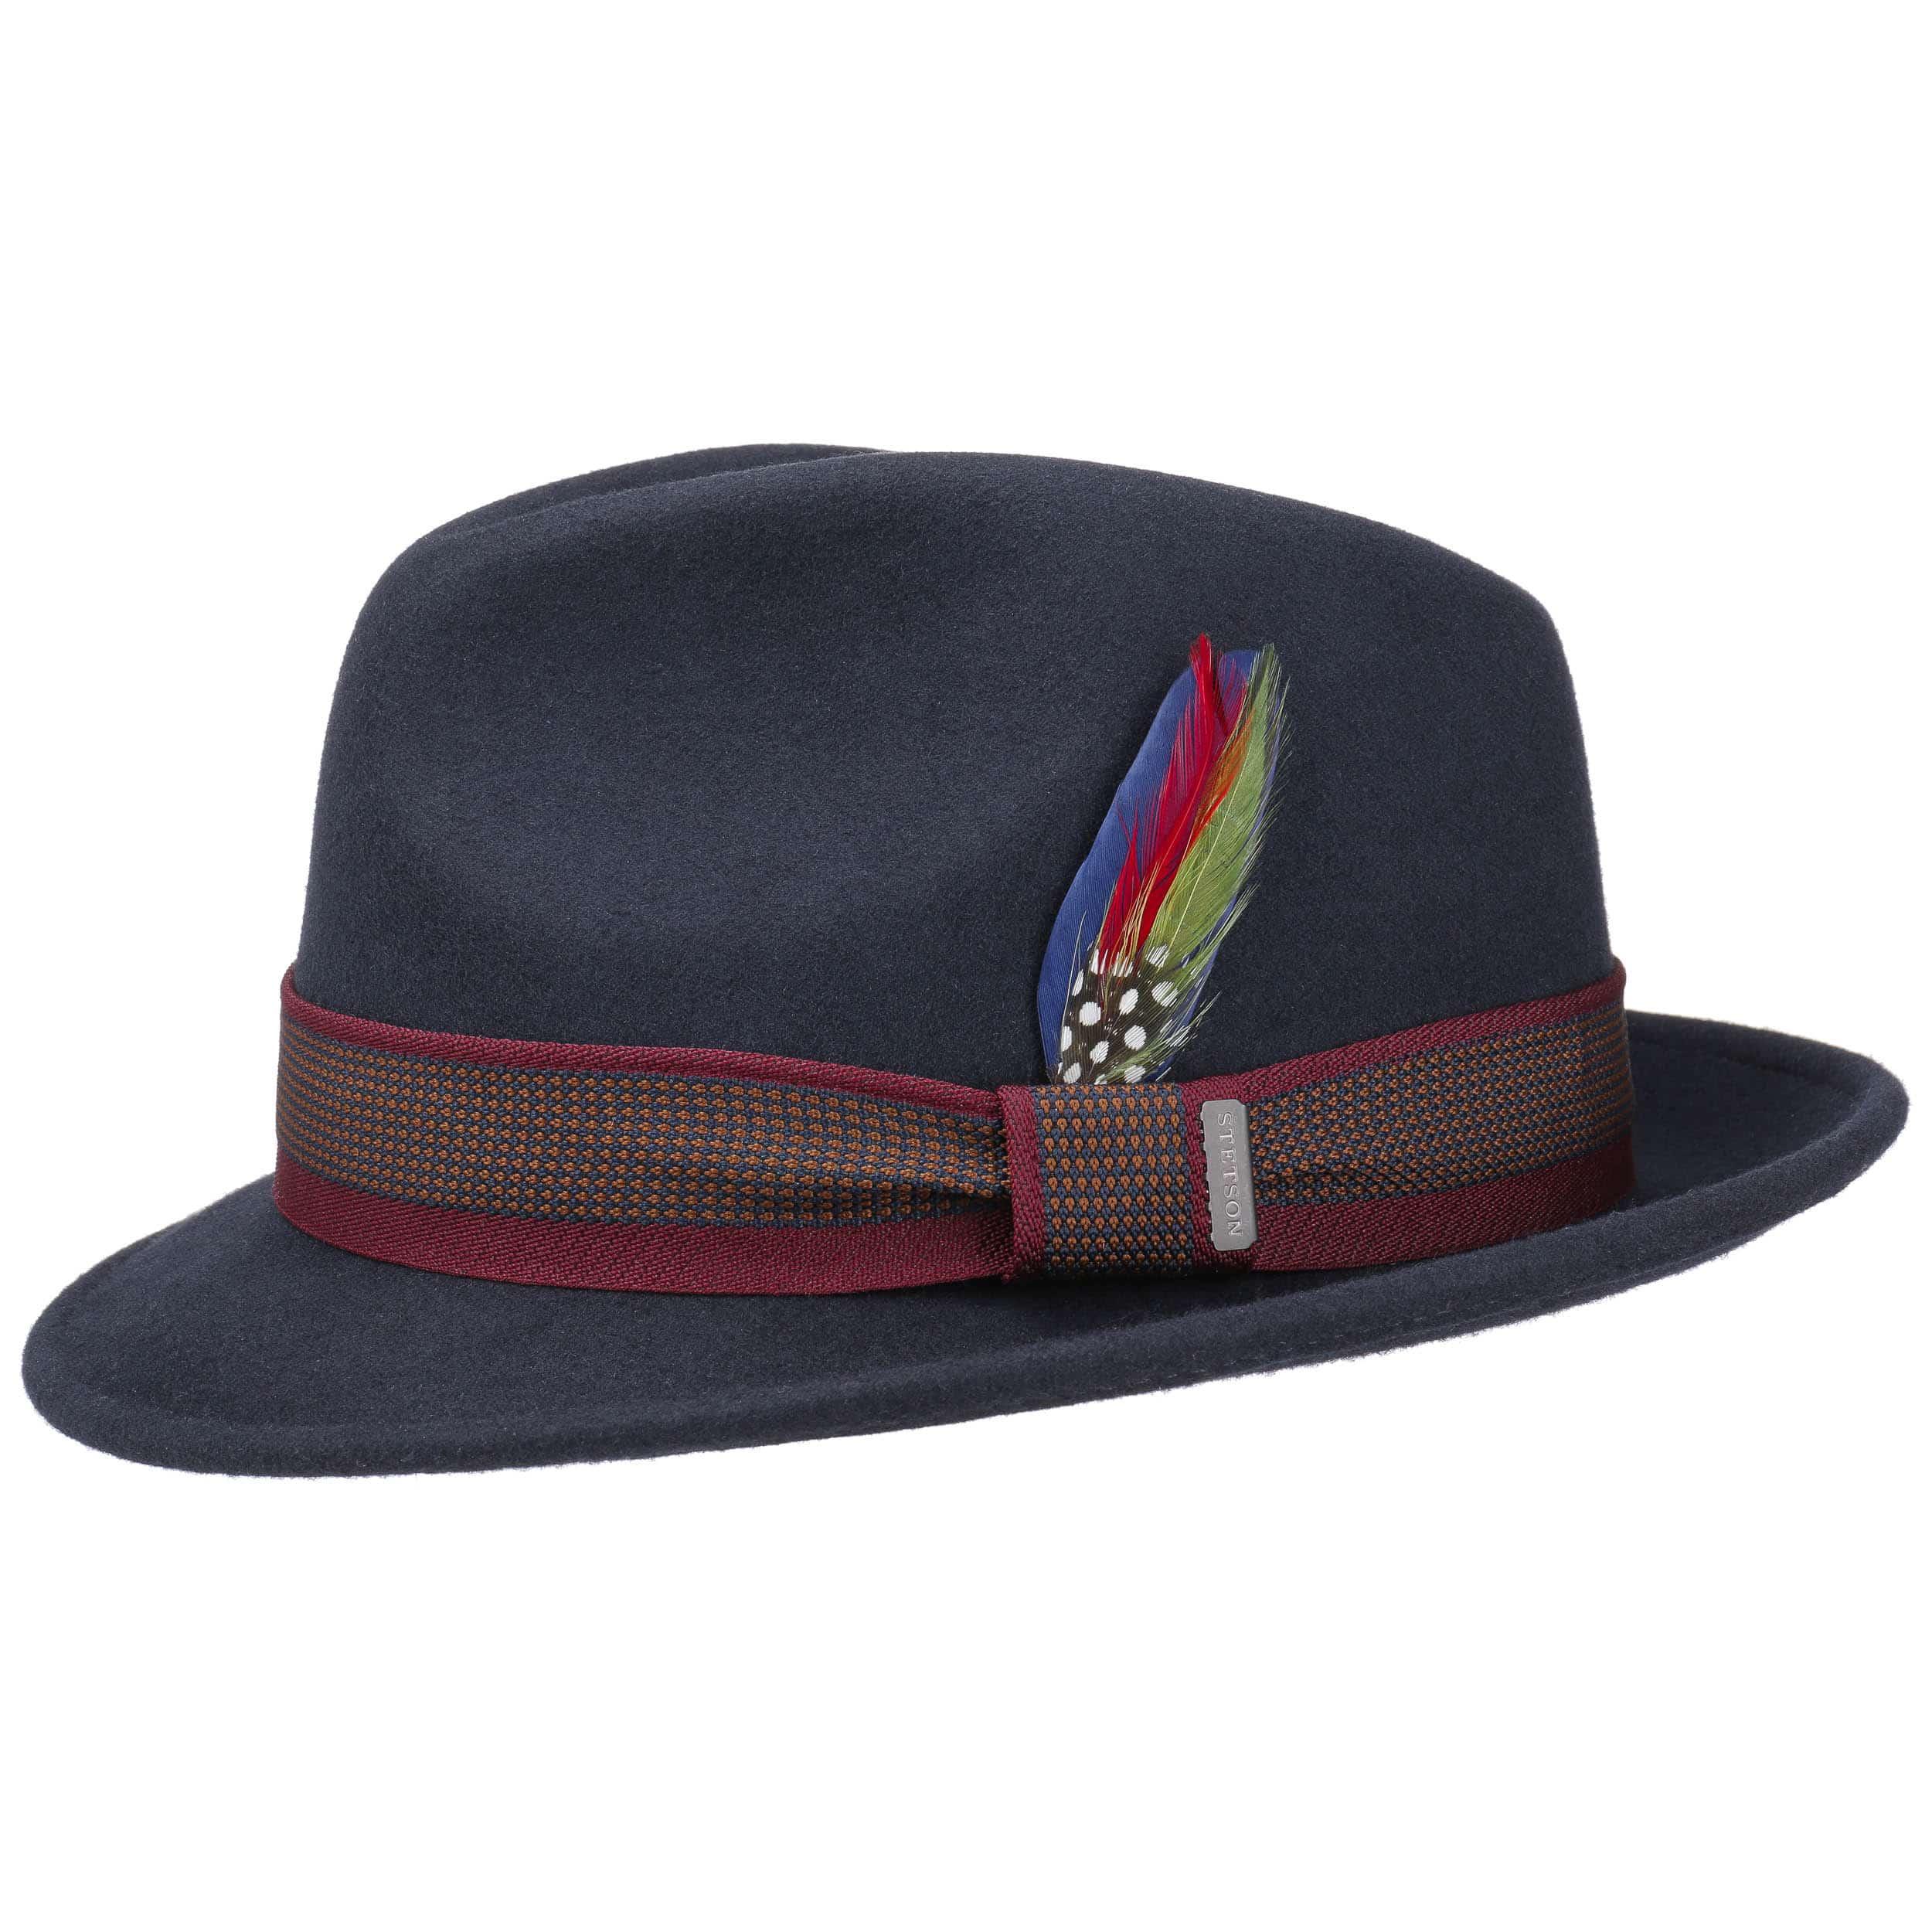 f5681fab16be7f Hats - Corral Western Wear. Stetson Drifter 4X Buffalo Felt ...